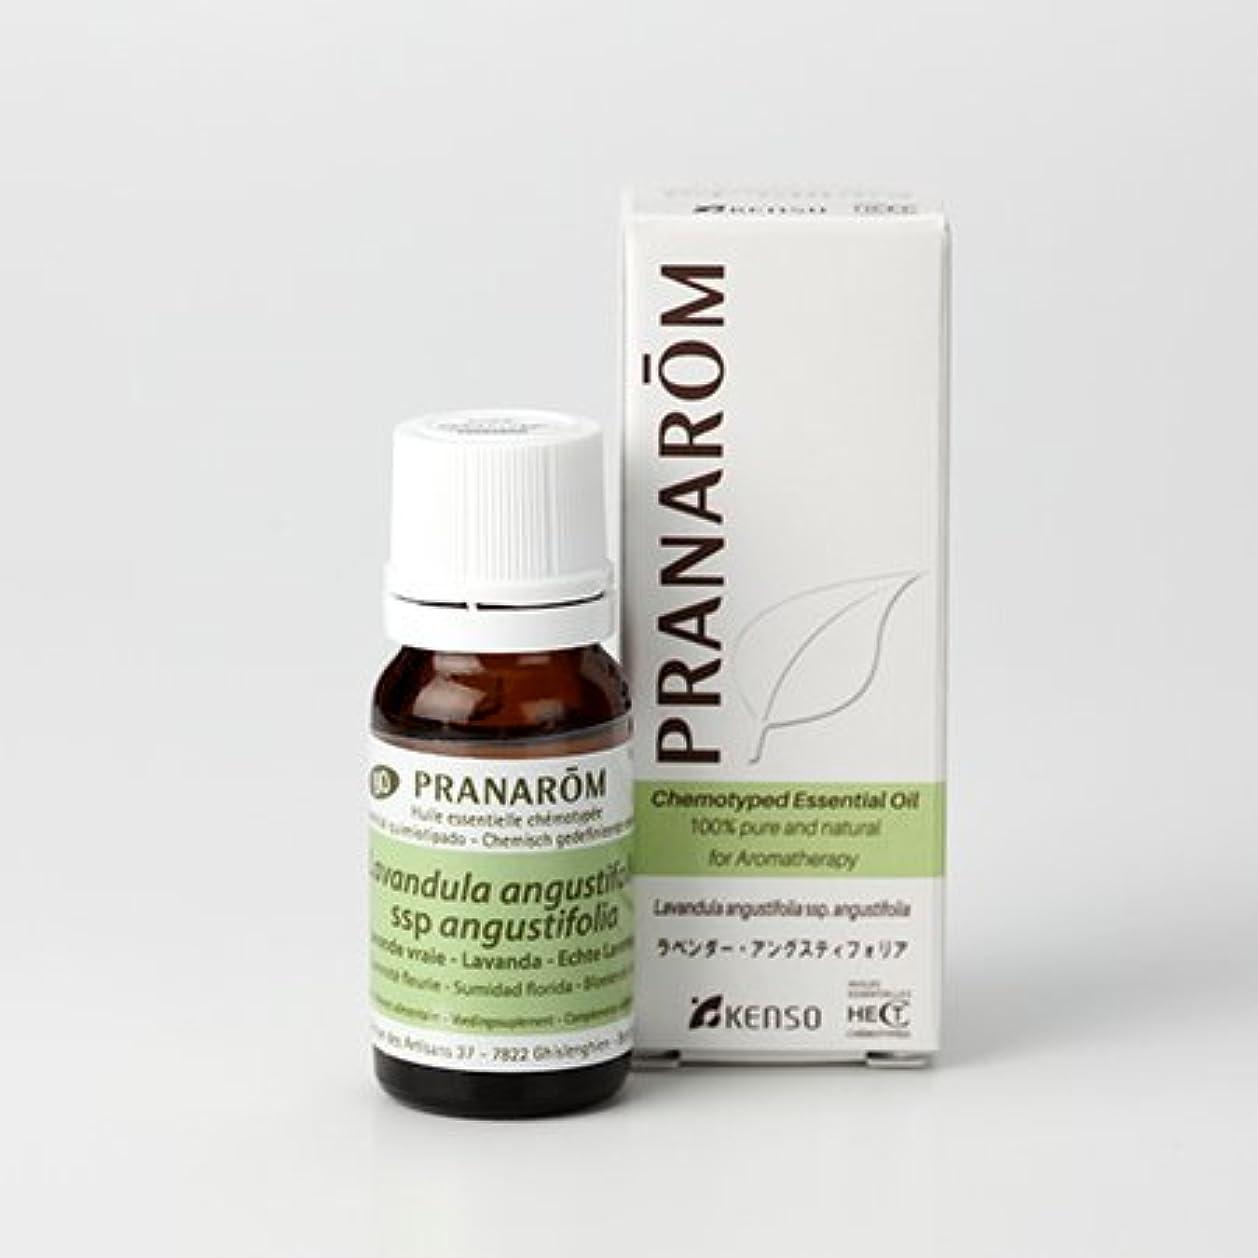 作動するマニュアル誘惑プラナロム精油(P-098 ラベンダーアングスティフォリア?10ml)